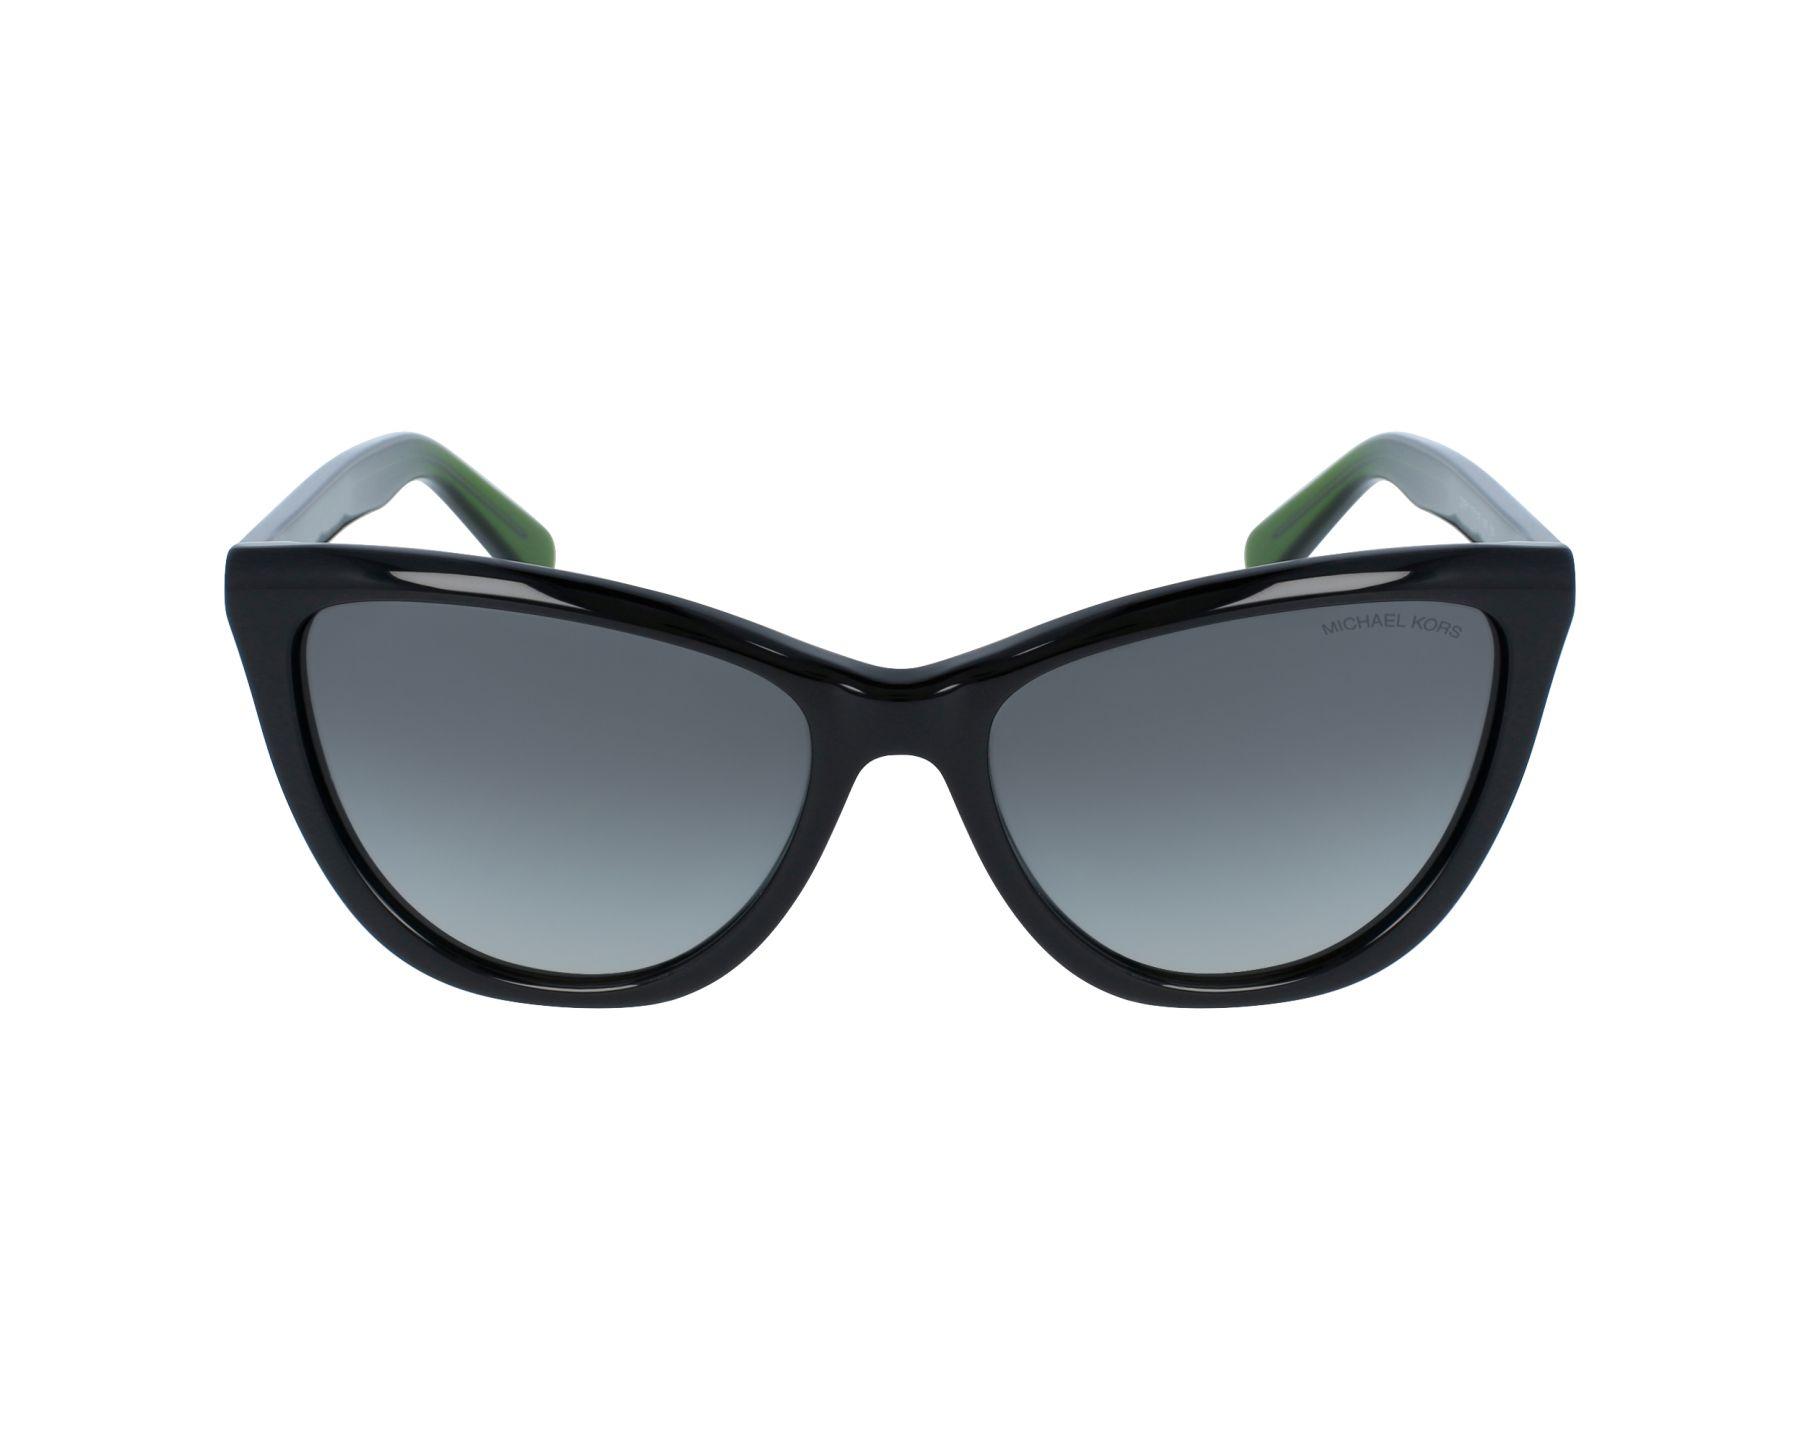 lunettes de soleil michael kors mk 2040 321611 noir avec des verres gris. Black Bedroom Furniture Sets. Home Design Ideas